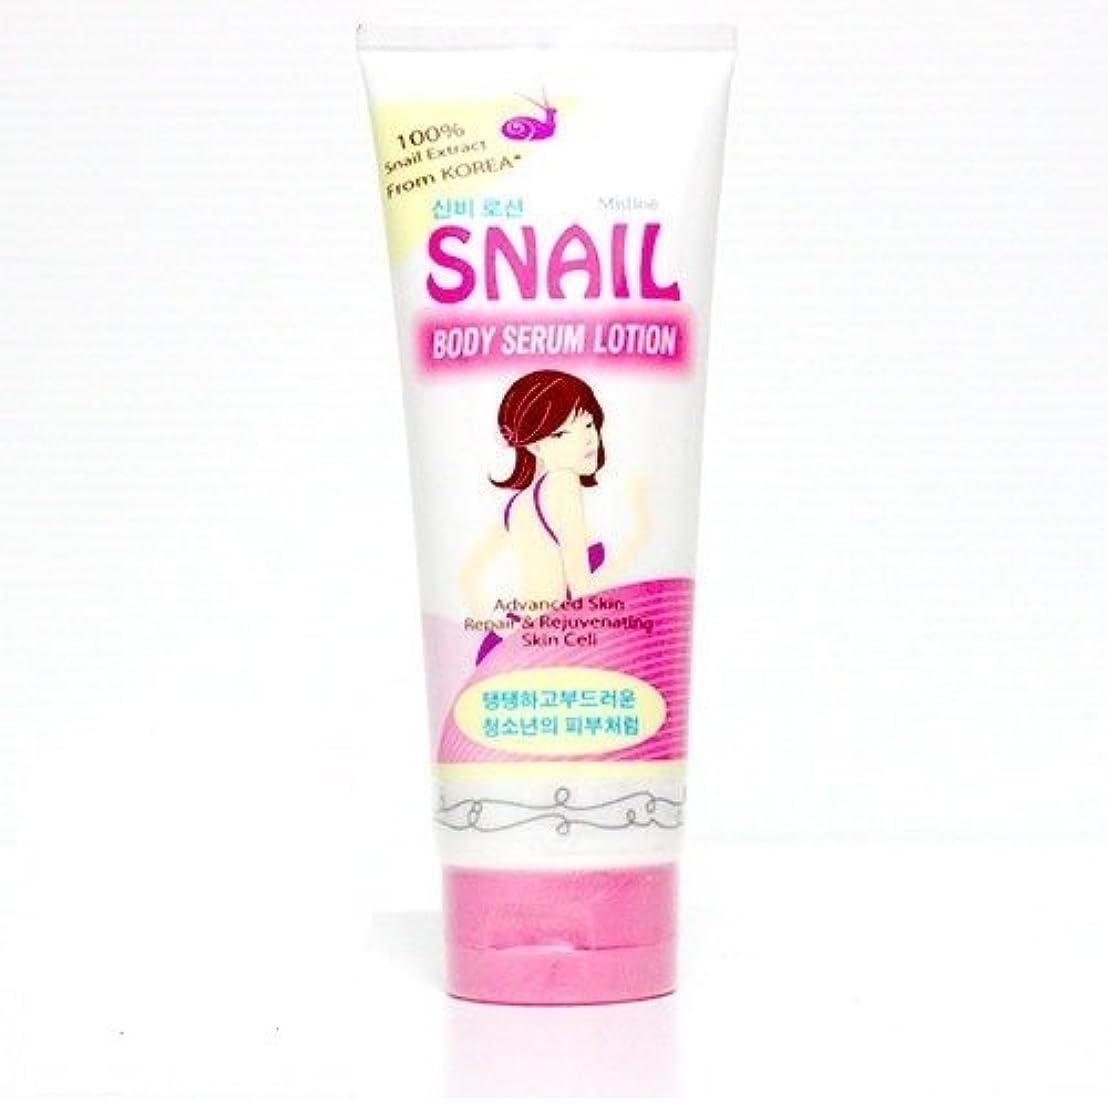 側面告白転送Mistine Snail Body Serum Lotion 2 packs by Mistine [並行輸入品]